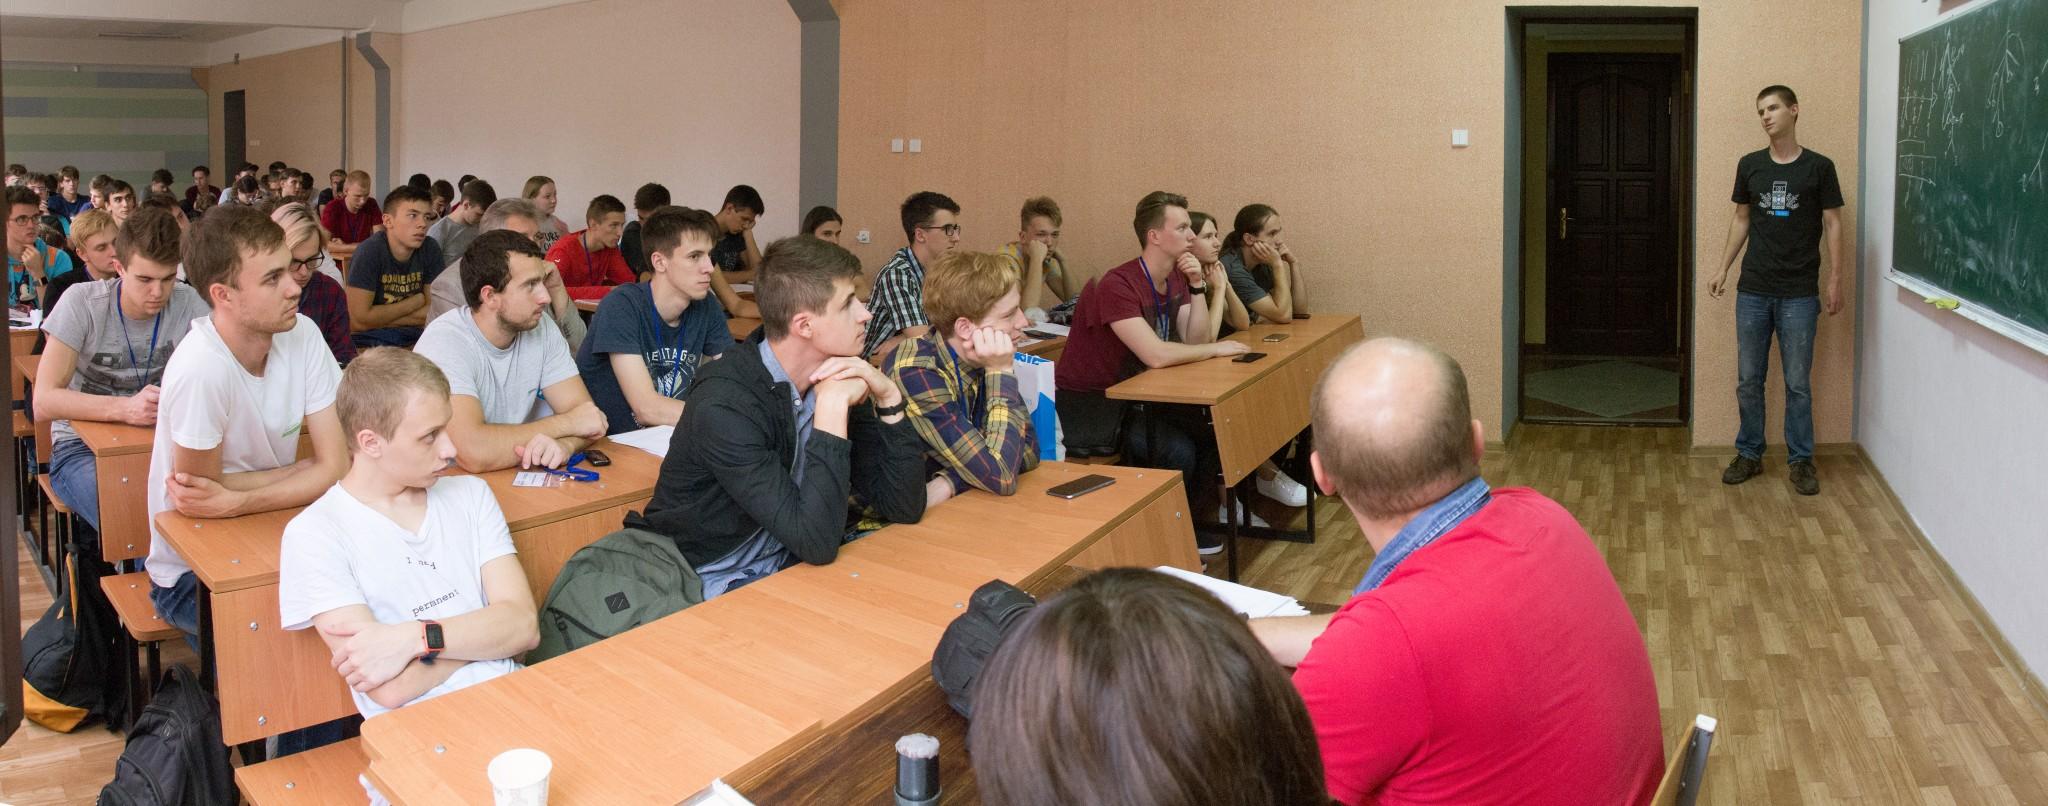 Тріумфальний виступ команд ХНУРЕ у півфіналі Всеукраїнської студентської олімпіади з програмування.